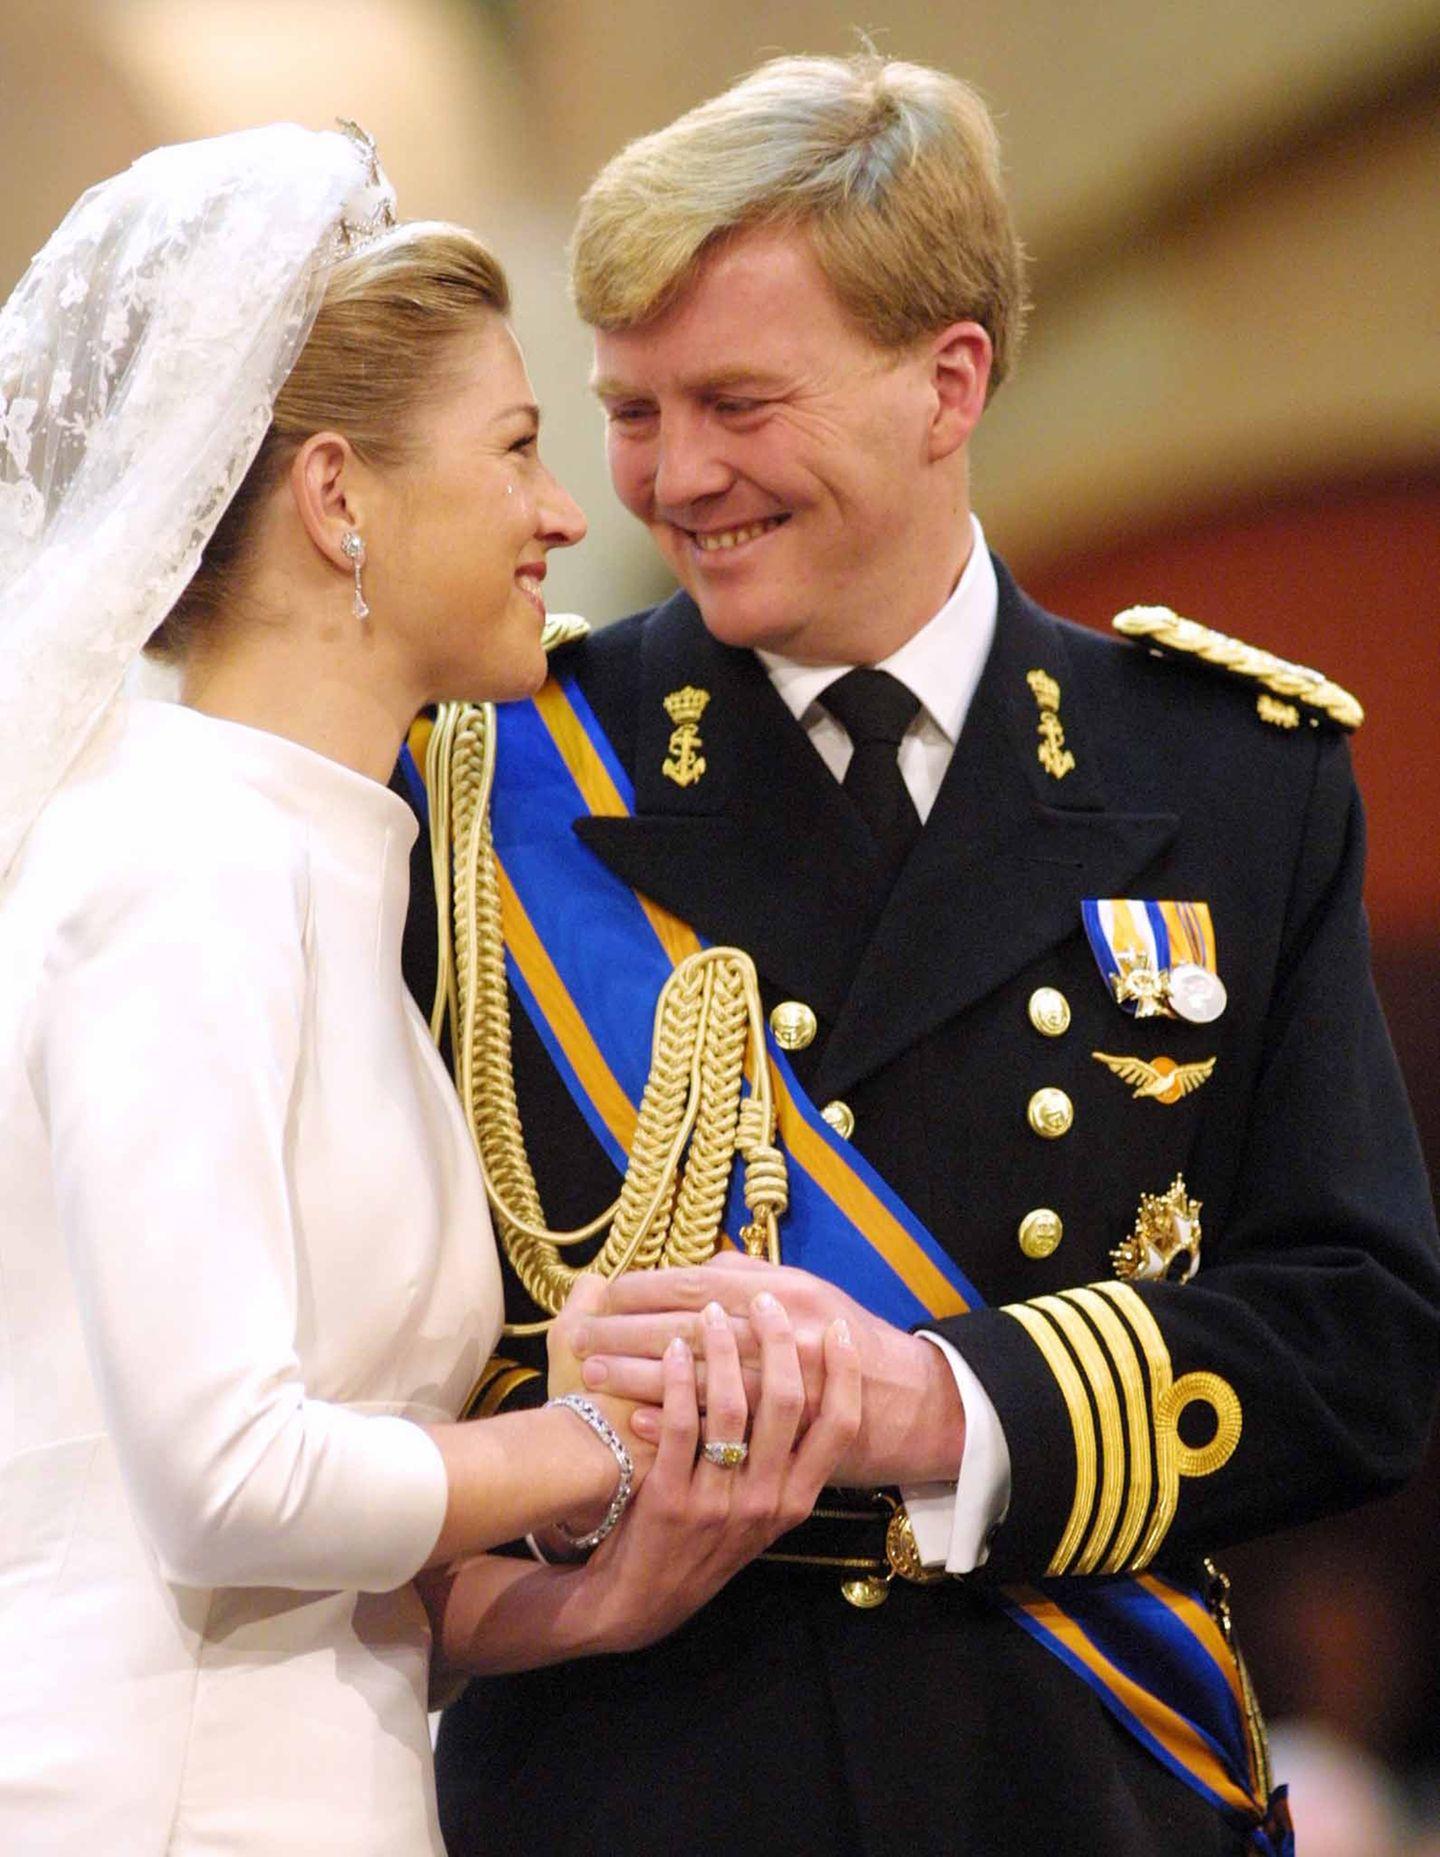 Bei der Hochzeit von Prinz Willem-Alexander undMáxima Zorreguietawird gelacht und geweint - auf allen Seiten. EinBandoneonspieler liefert den größten Tränenmoment, als er den Lieblingstango des Brautvaters in der Kirche spielte.  Die Braut muss an ihrem großen Tag (2. Februar 2002) auf ihre Eltern verzichten, da ihrem Vater vorgeworfen wurde, als Minister von Menschenrechtsverletzungen in seiner Heimat Argentinien gewusst zu haben. Sie waren nicht eingeladen ...